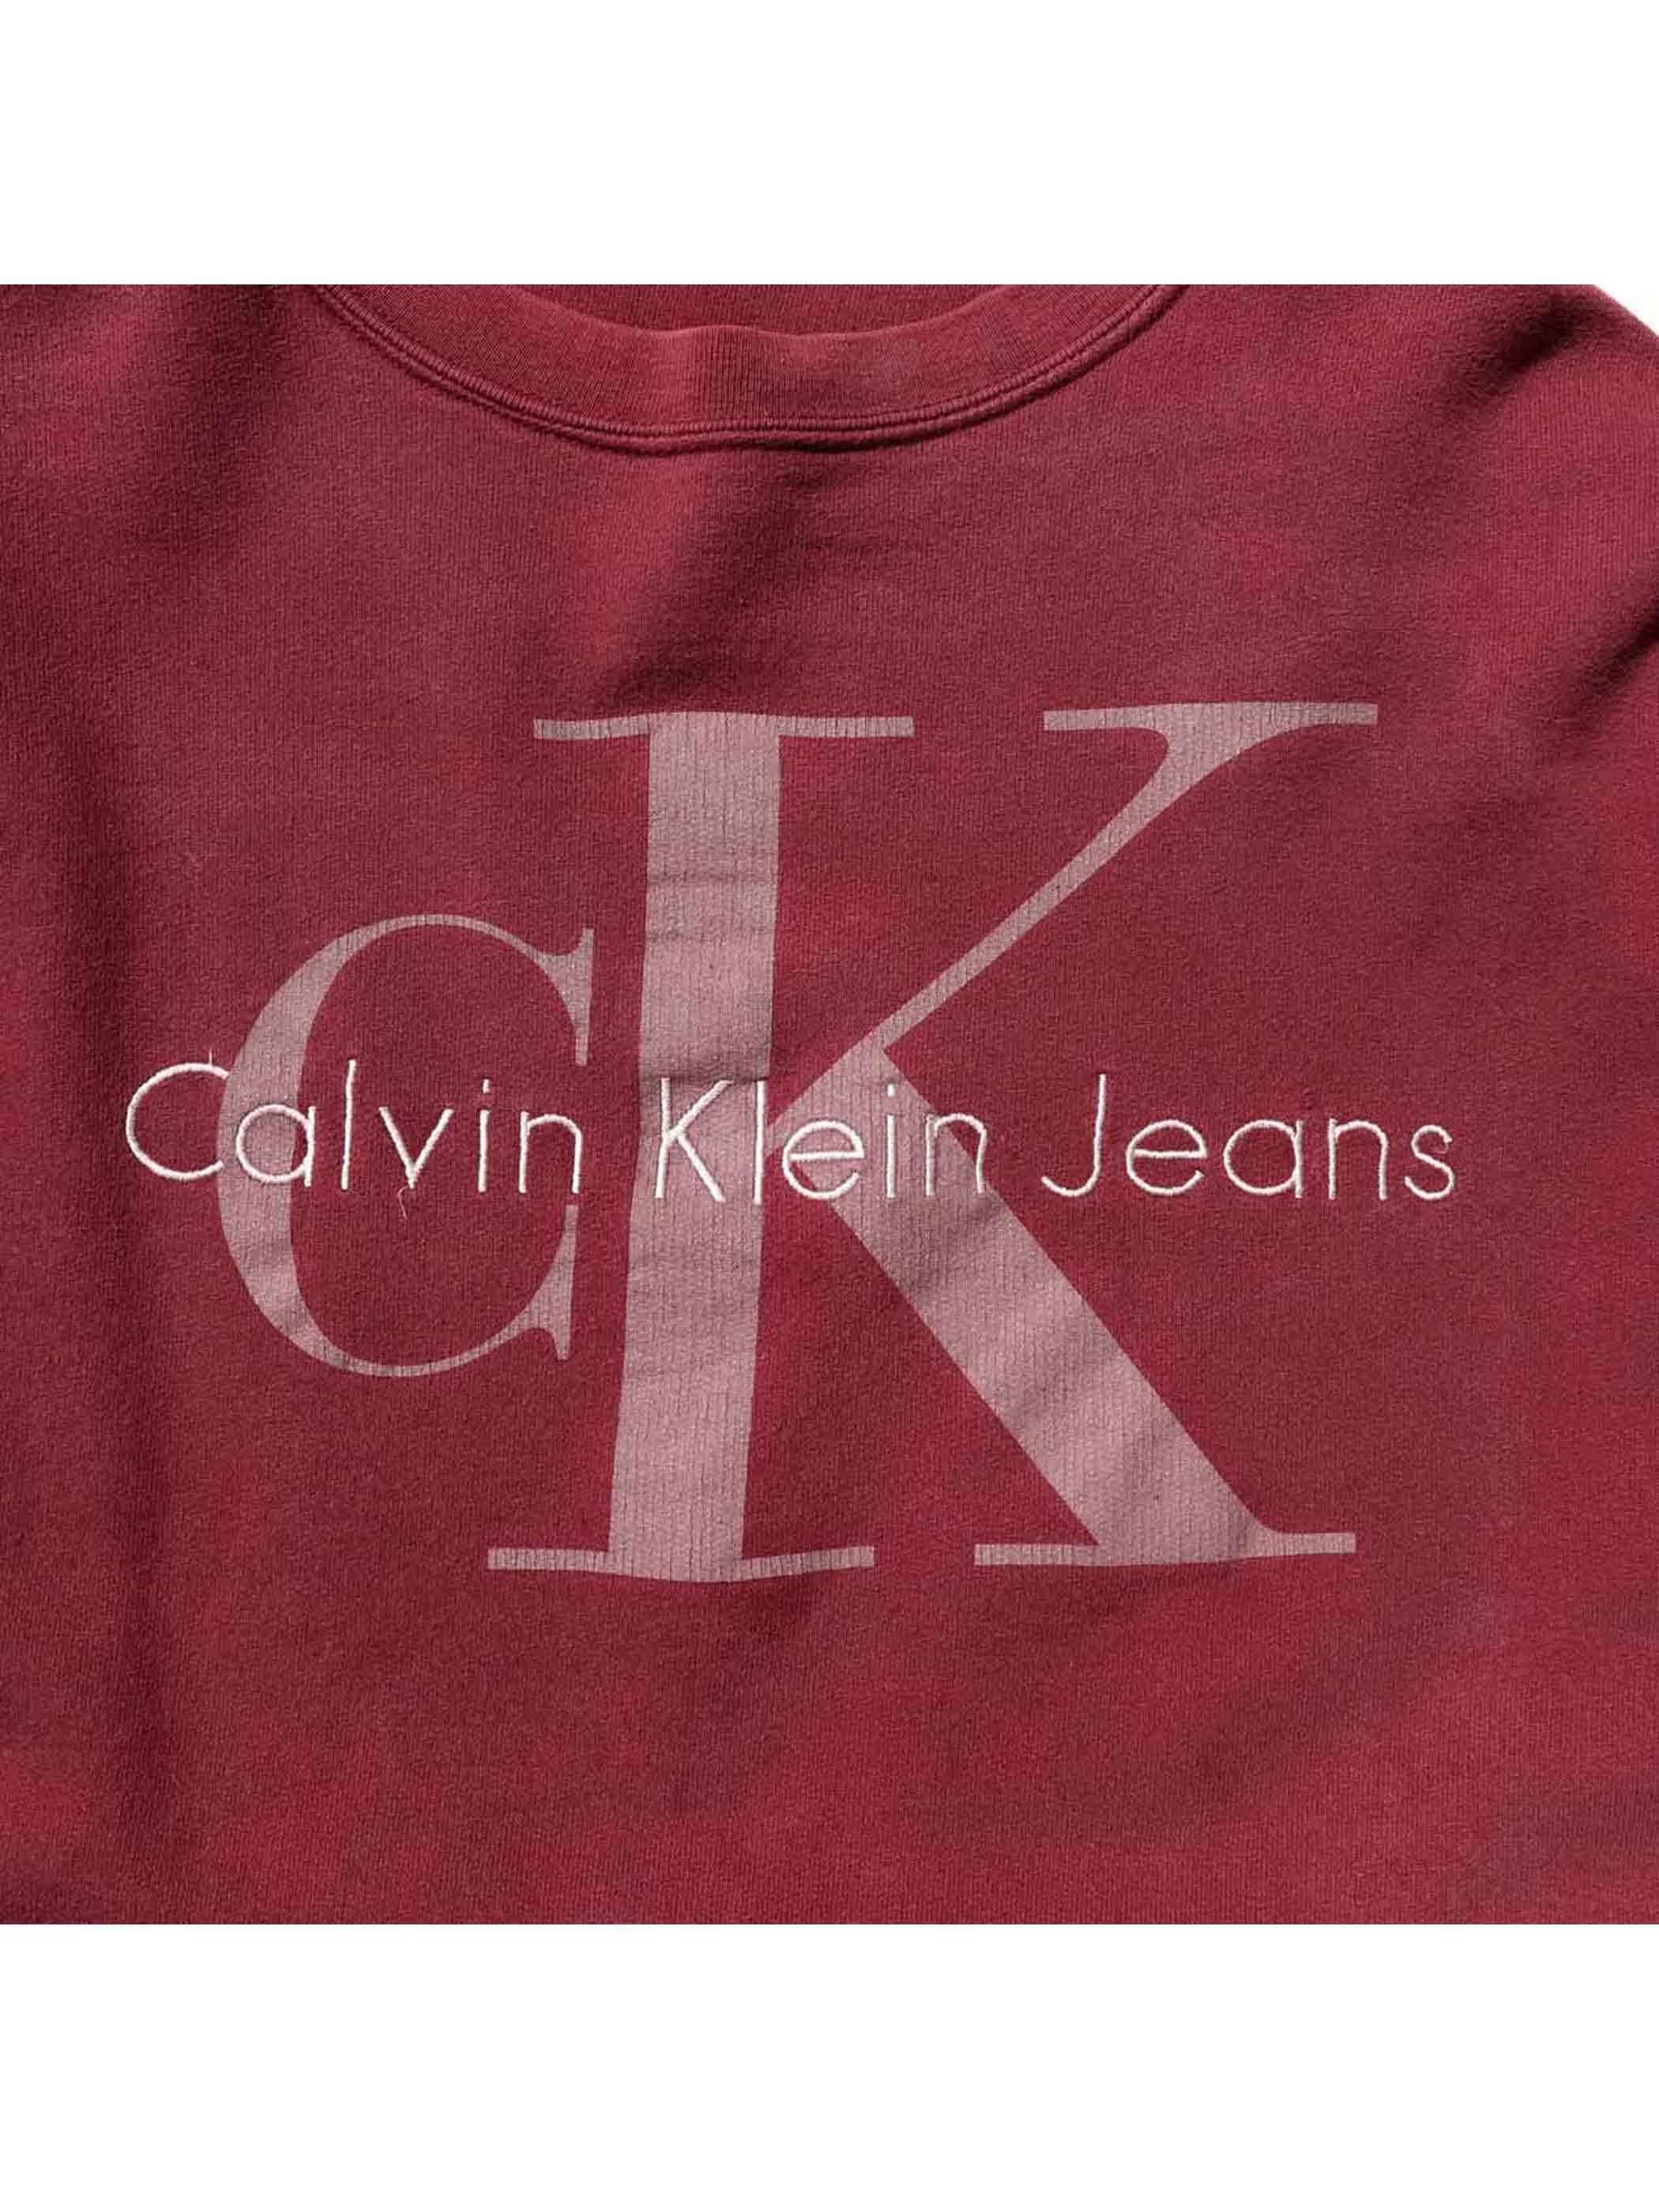 90's CALVIN KLEIN JEANS クルーネックスウェット バーガンディ [XL]